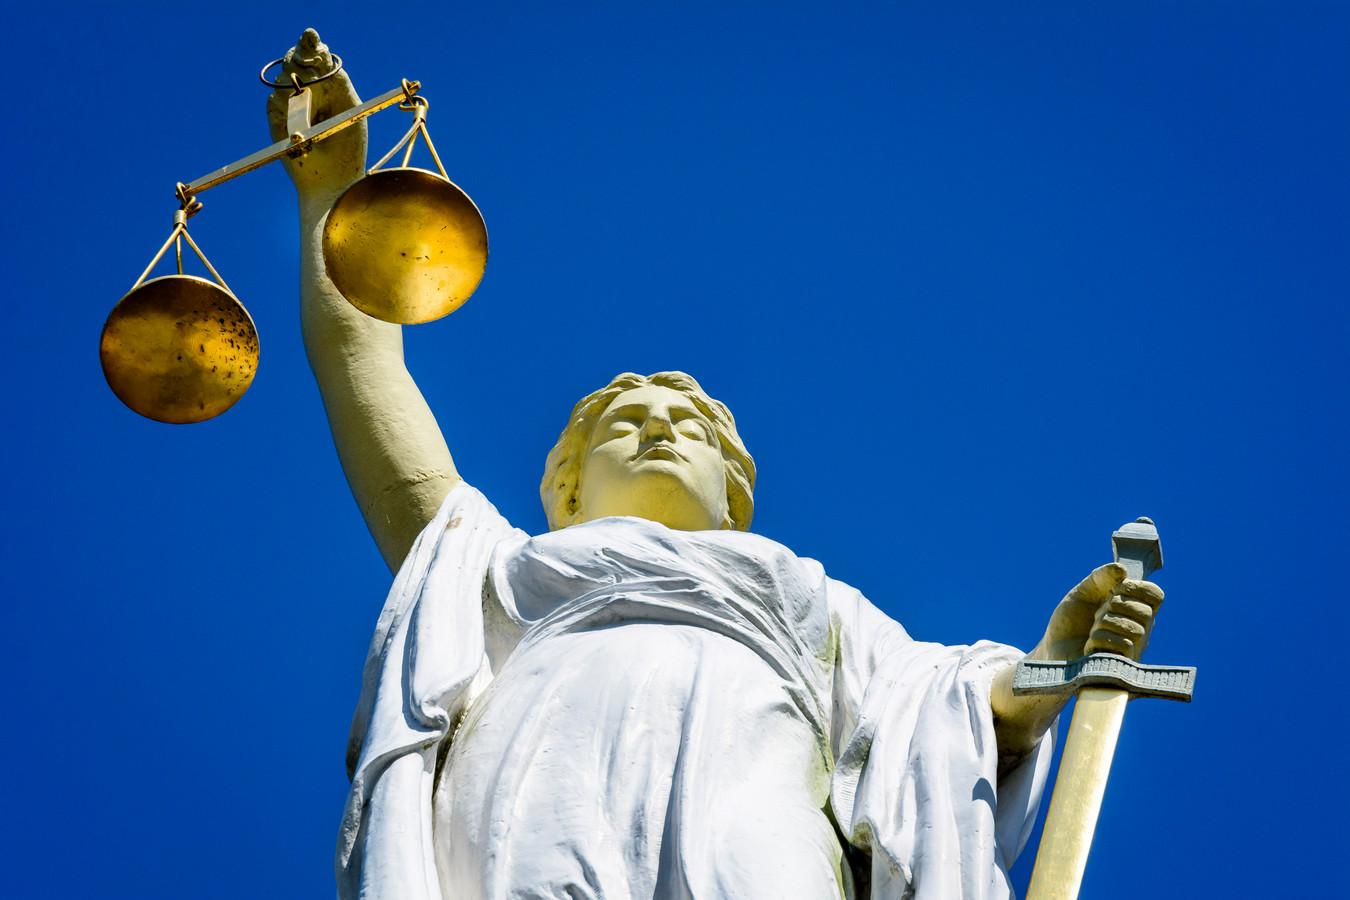 Justitie heeft dinsdag 240 uur werkstraf en zes maanden voorwaardelijke celstraf geëist tegen een 52-jarige man uit Zwijndrecht.